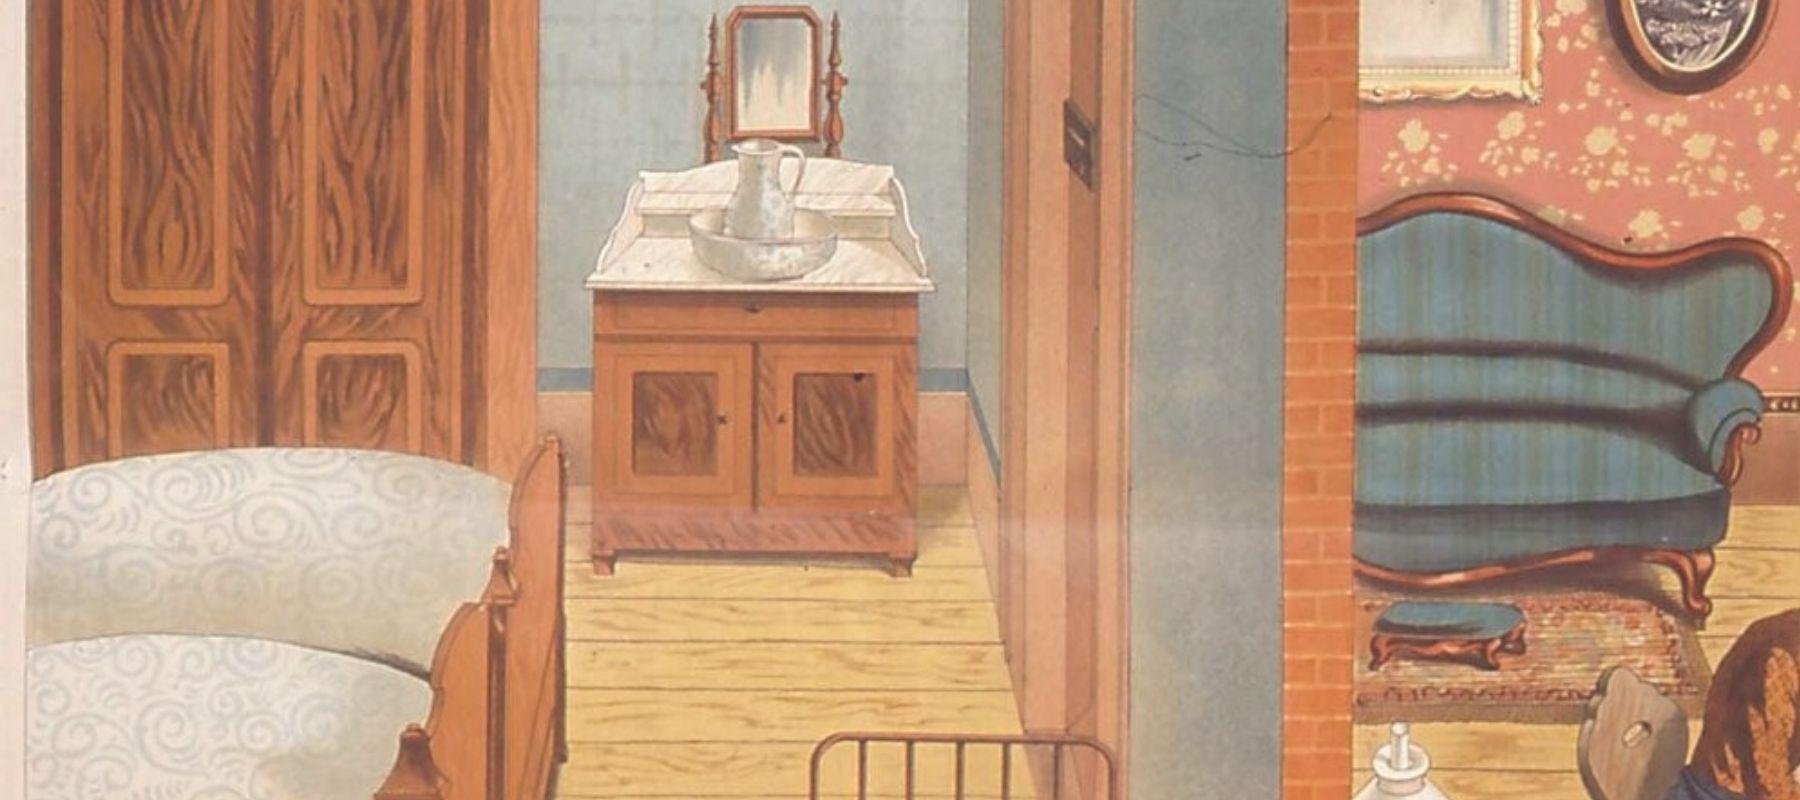 Chronique de lecture de Chez soi de Mona Chollet : confiner, c'est habiter, la tiny house, les dessin de maisons, communication en immobilier